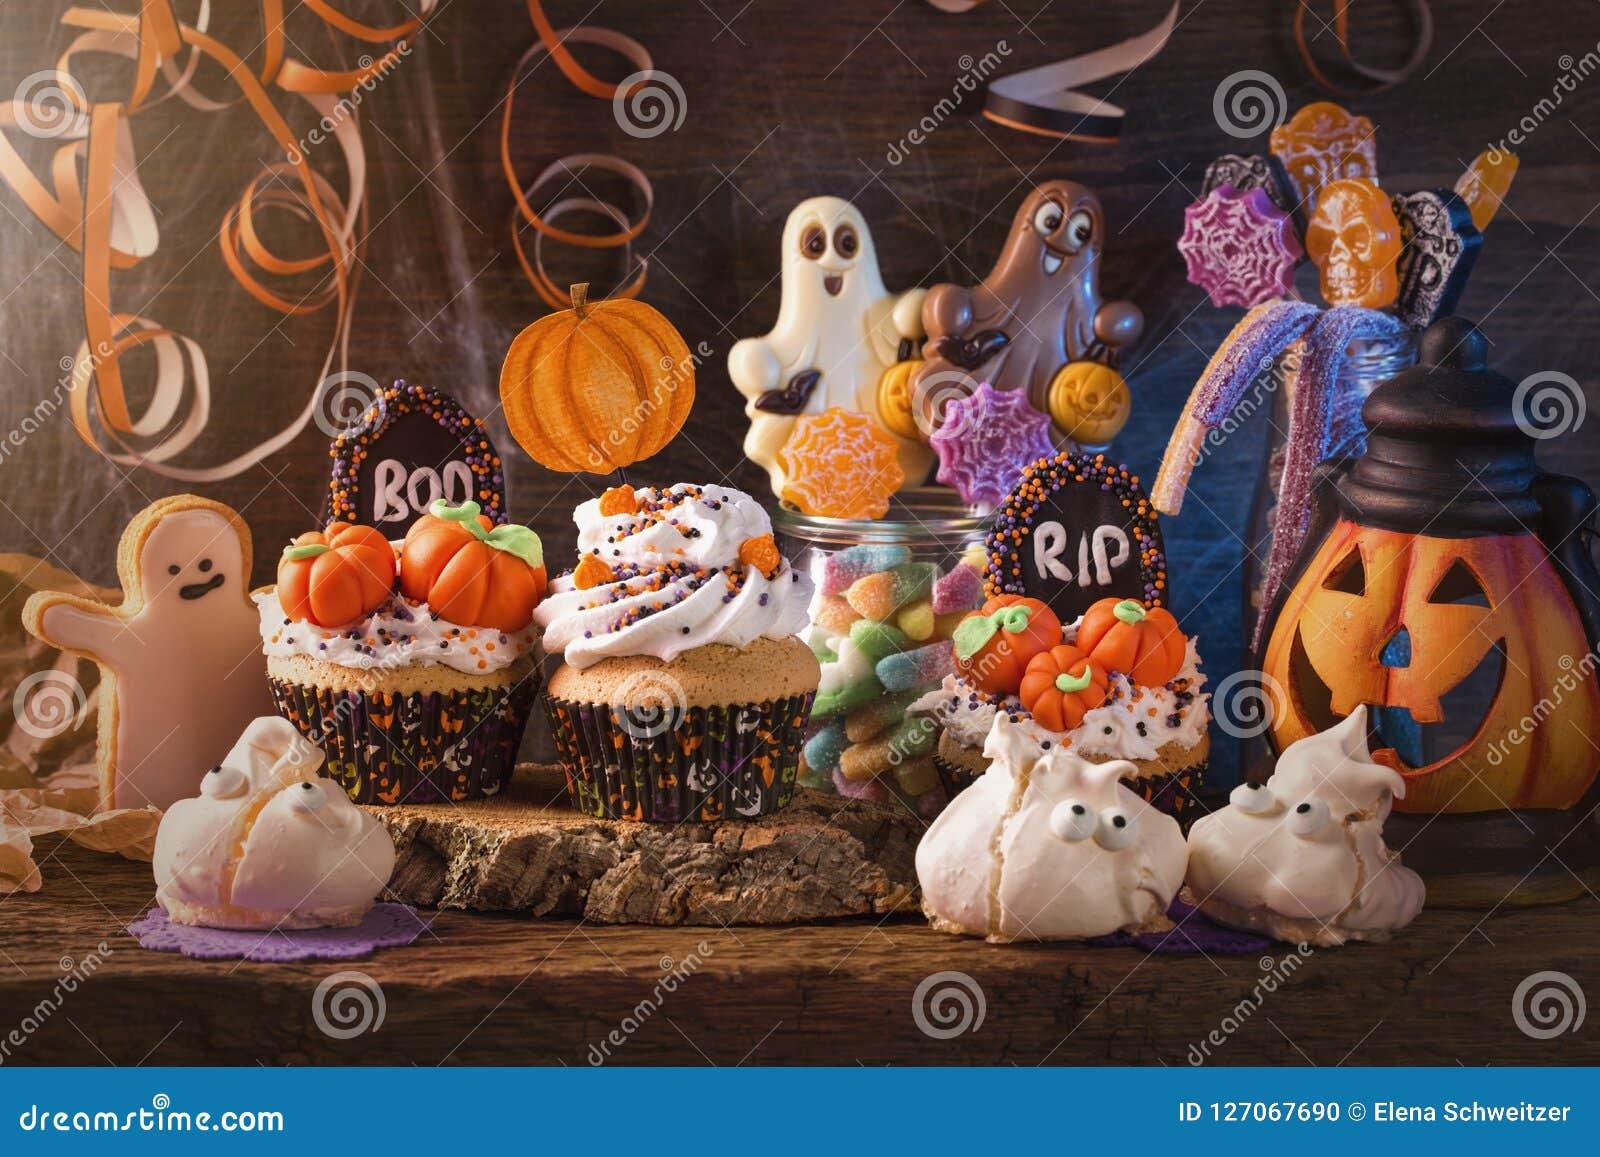 Snoepjes voor Halloween-partij